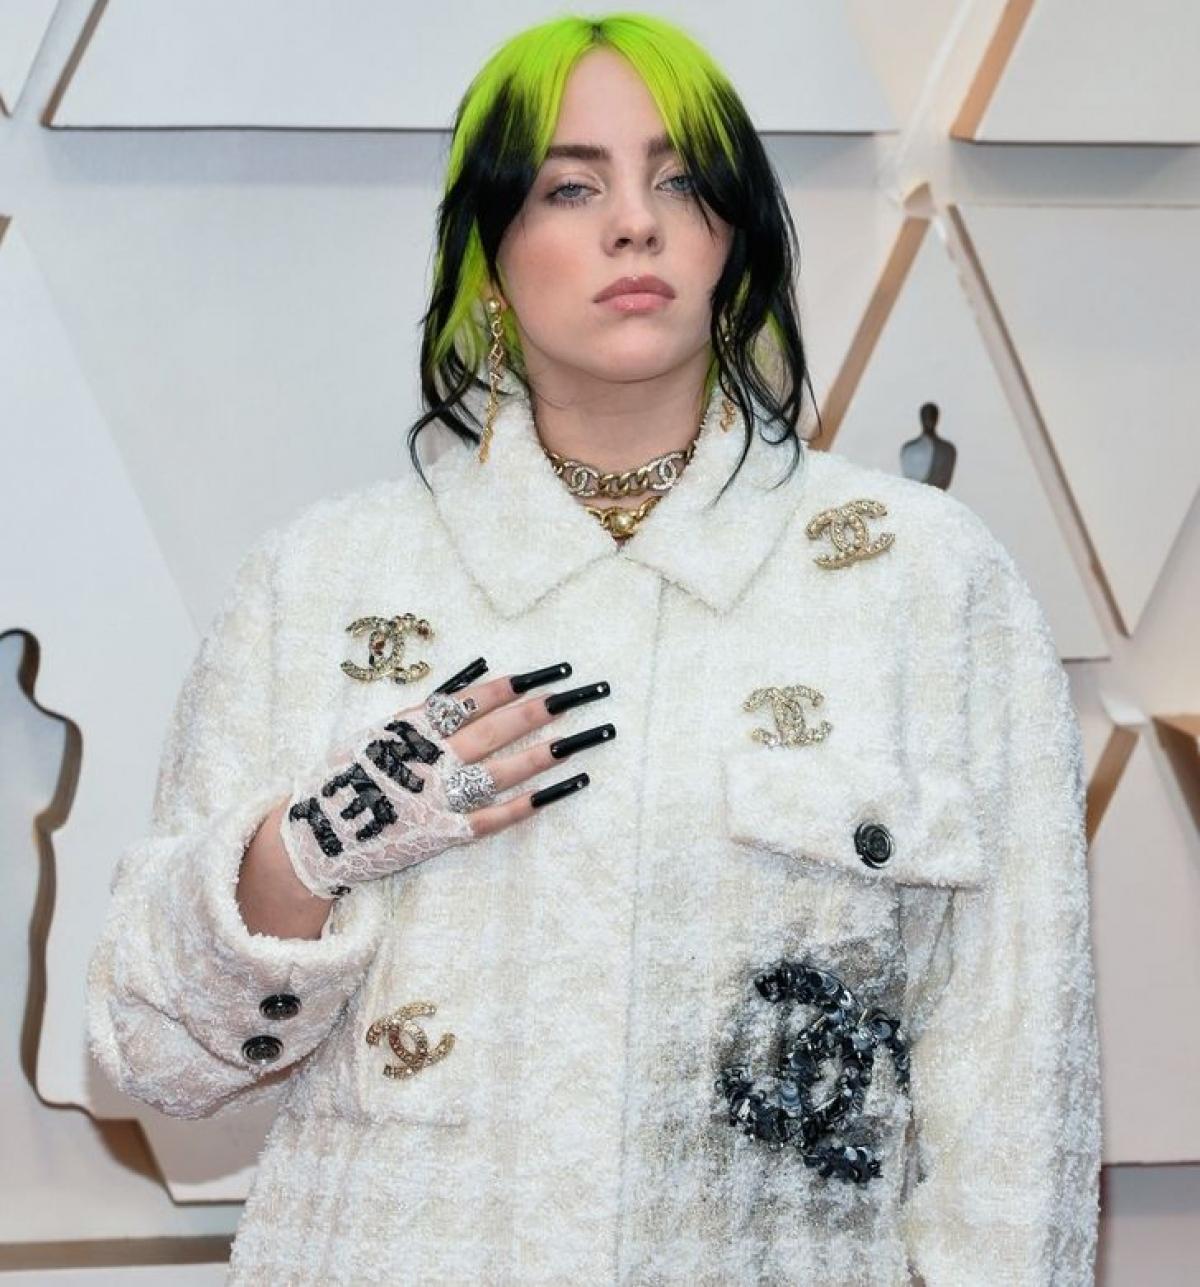 Tại lễ trao giải Oscar 2020, nữ ca sĩ Billie Eilish diện mộtbộ quần áo dài củaChanel.Billie thườngtuyên bốrằng cô ấy thích chọn những bộ quần áo rộng rãi, thoải mái và đó là lý do tại sao lựa chọn này của cô ấy không quá ngạc nhiên.